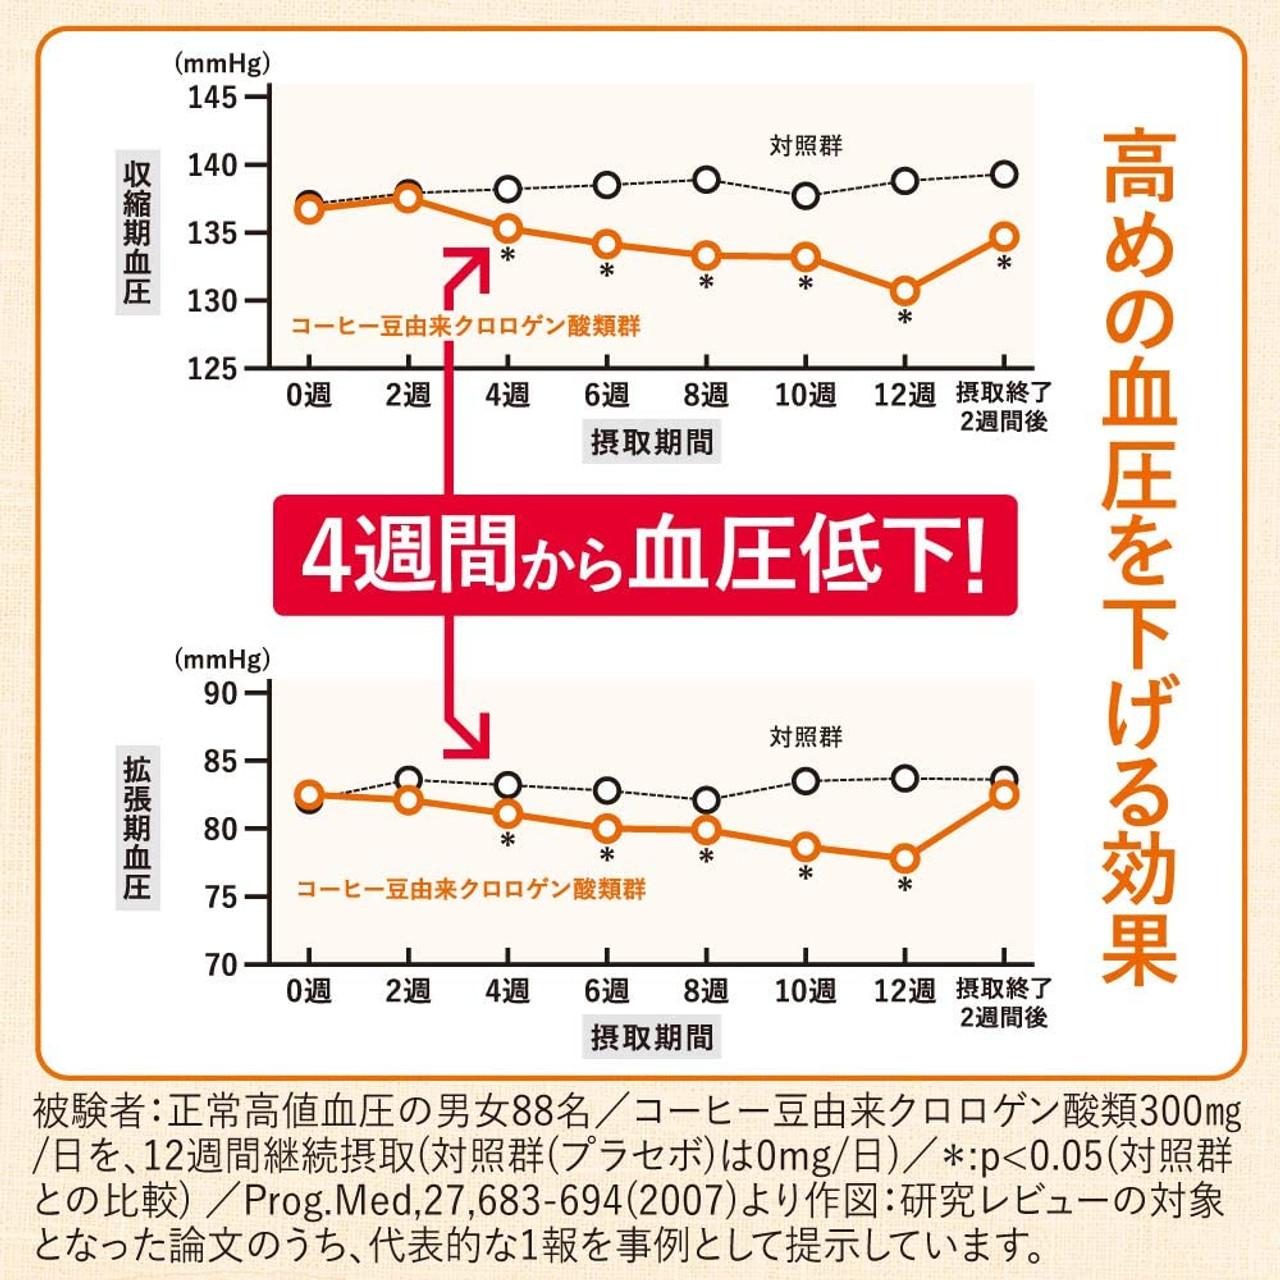 Снижение давления по сравнению с контрольной группой начинается с 4-ой недели применения напитка.